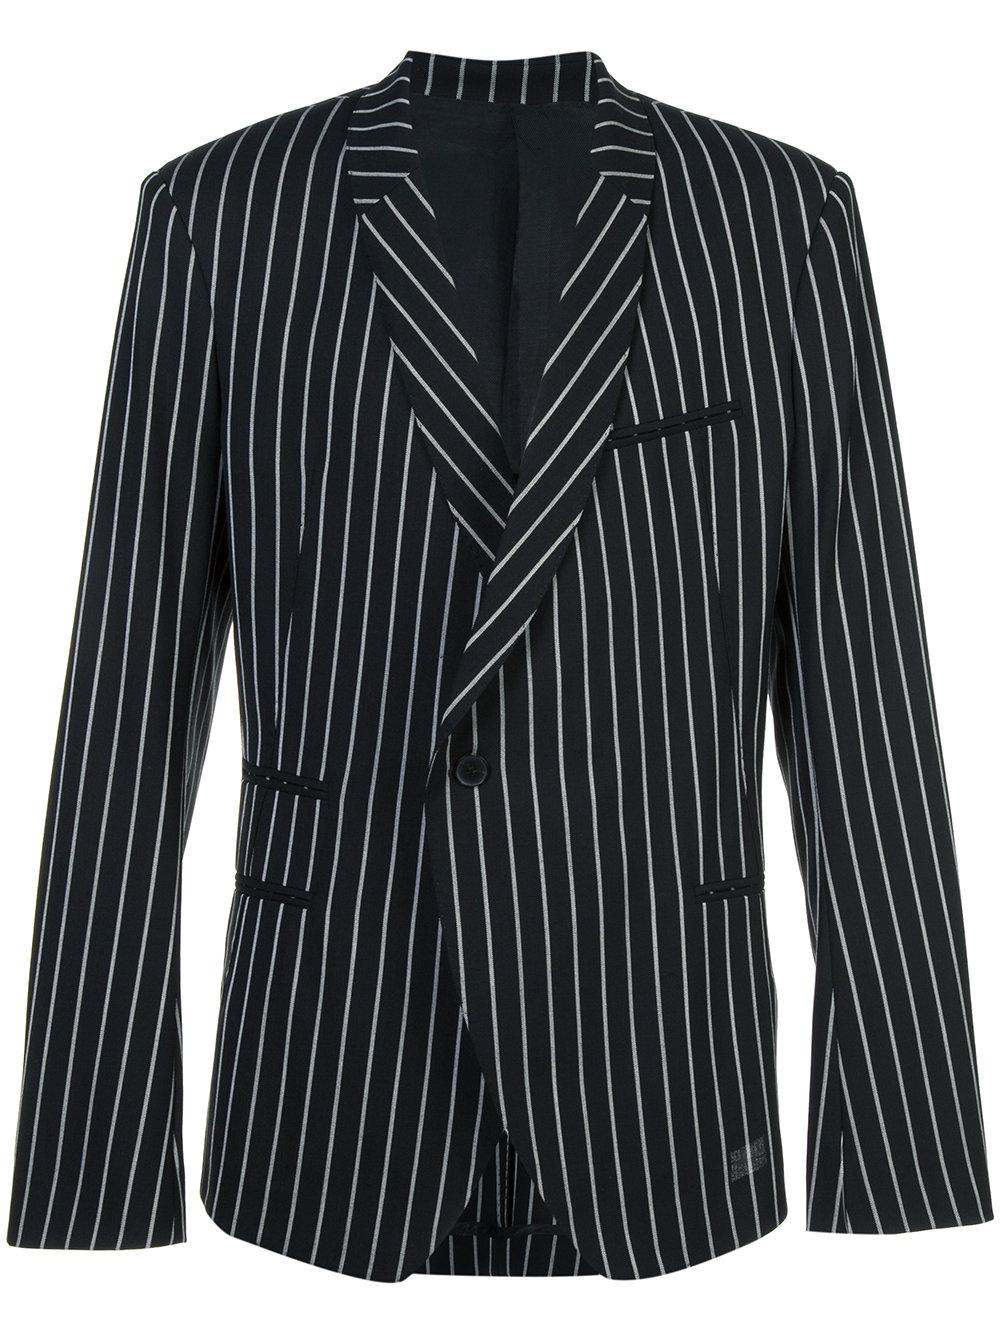 Haider Ackermann   Black and White Stripe Tailored Blazer